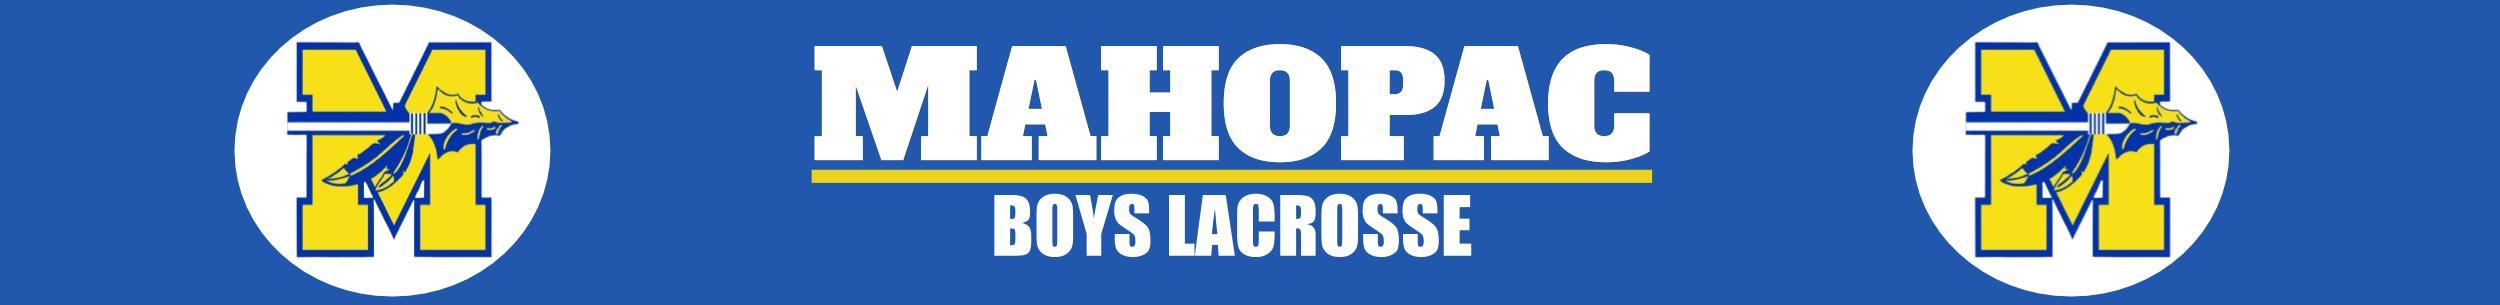 MSA Boys Lacrosse, Lacrosse, Goal, Field